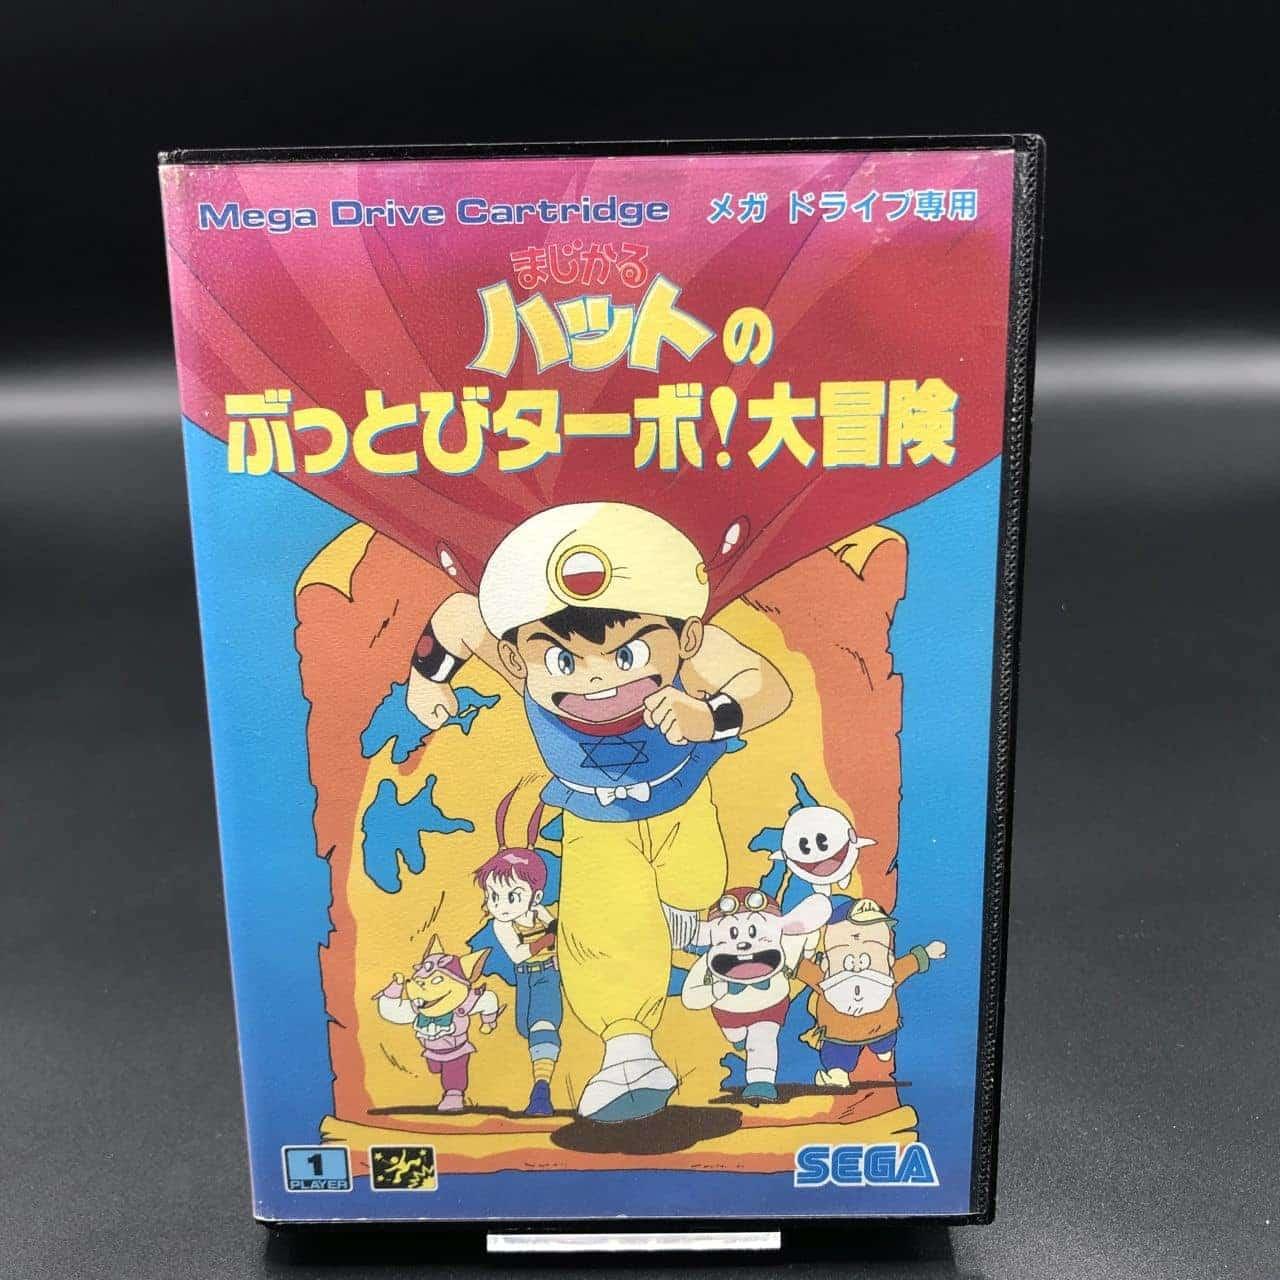 Magical Hat no Buttobi Turbo! Daibouken (Import) (Komplett) (Gut)